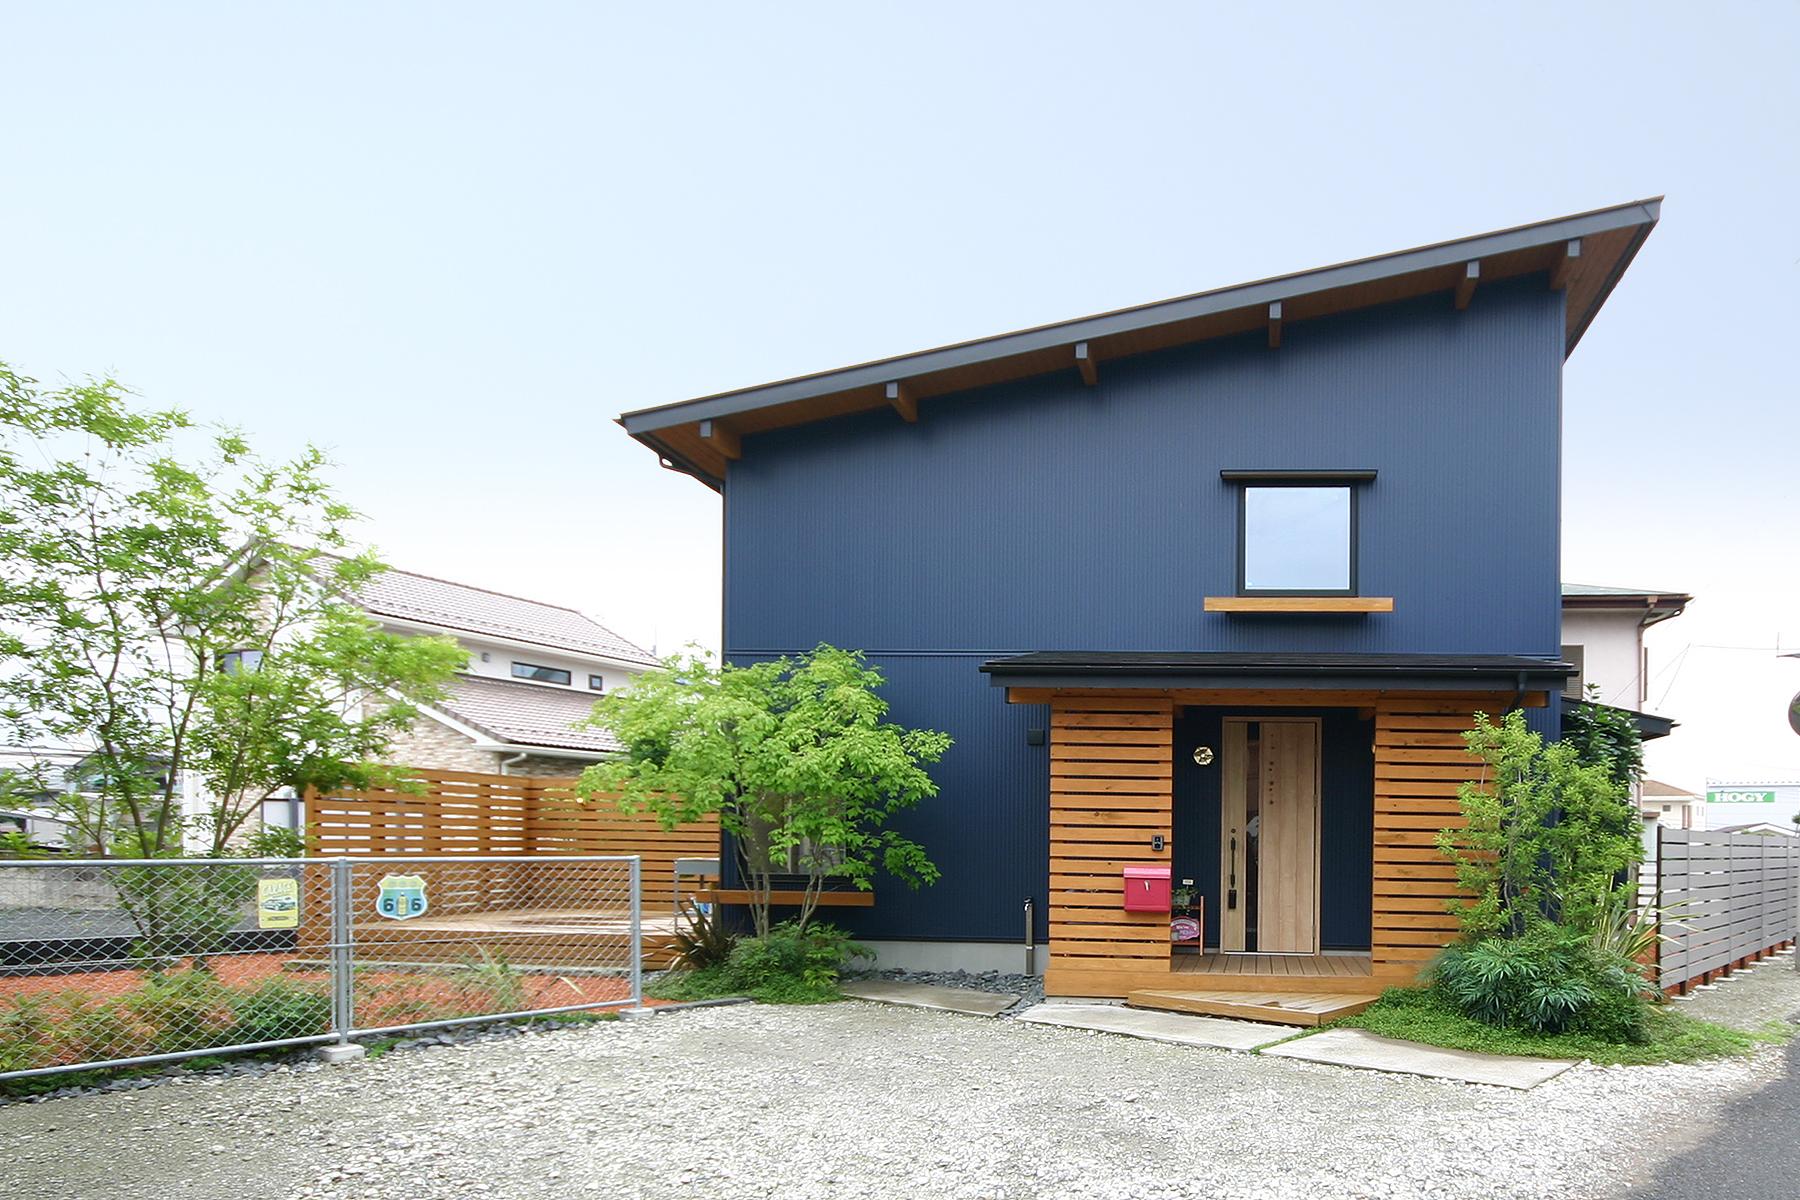 栃木県宇都宮市K様邸|BOOOTS|外観|ネクストハウスデザイン